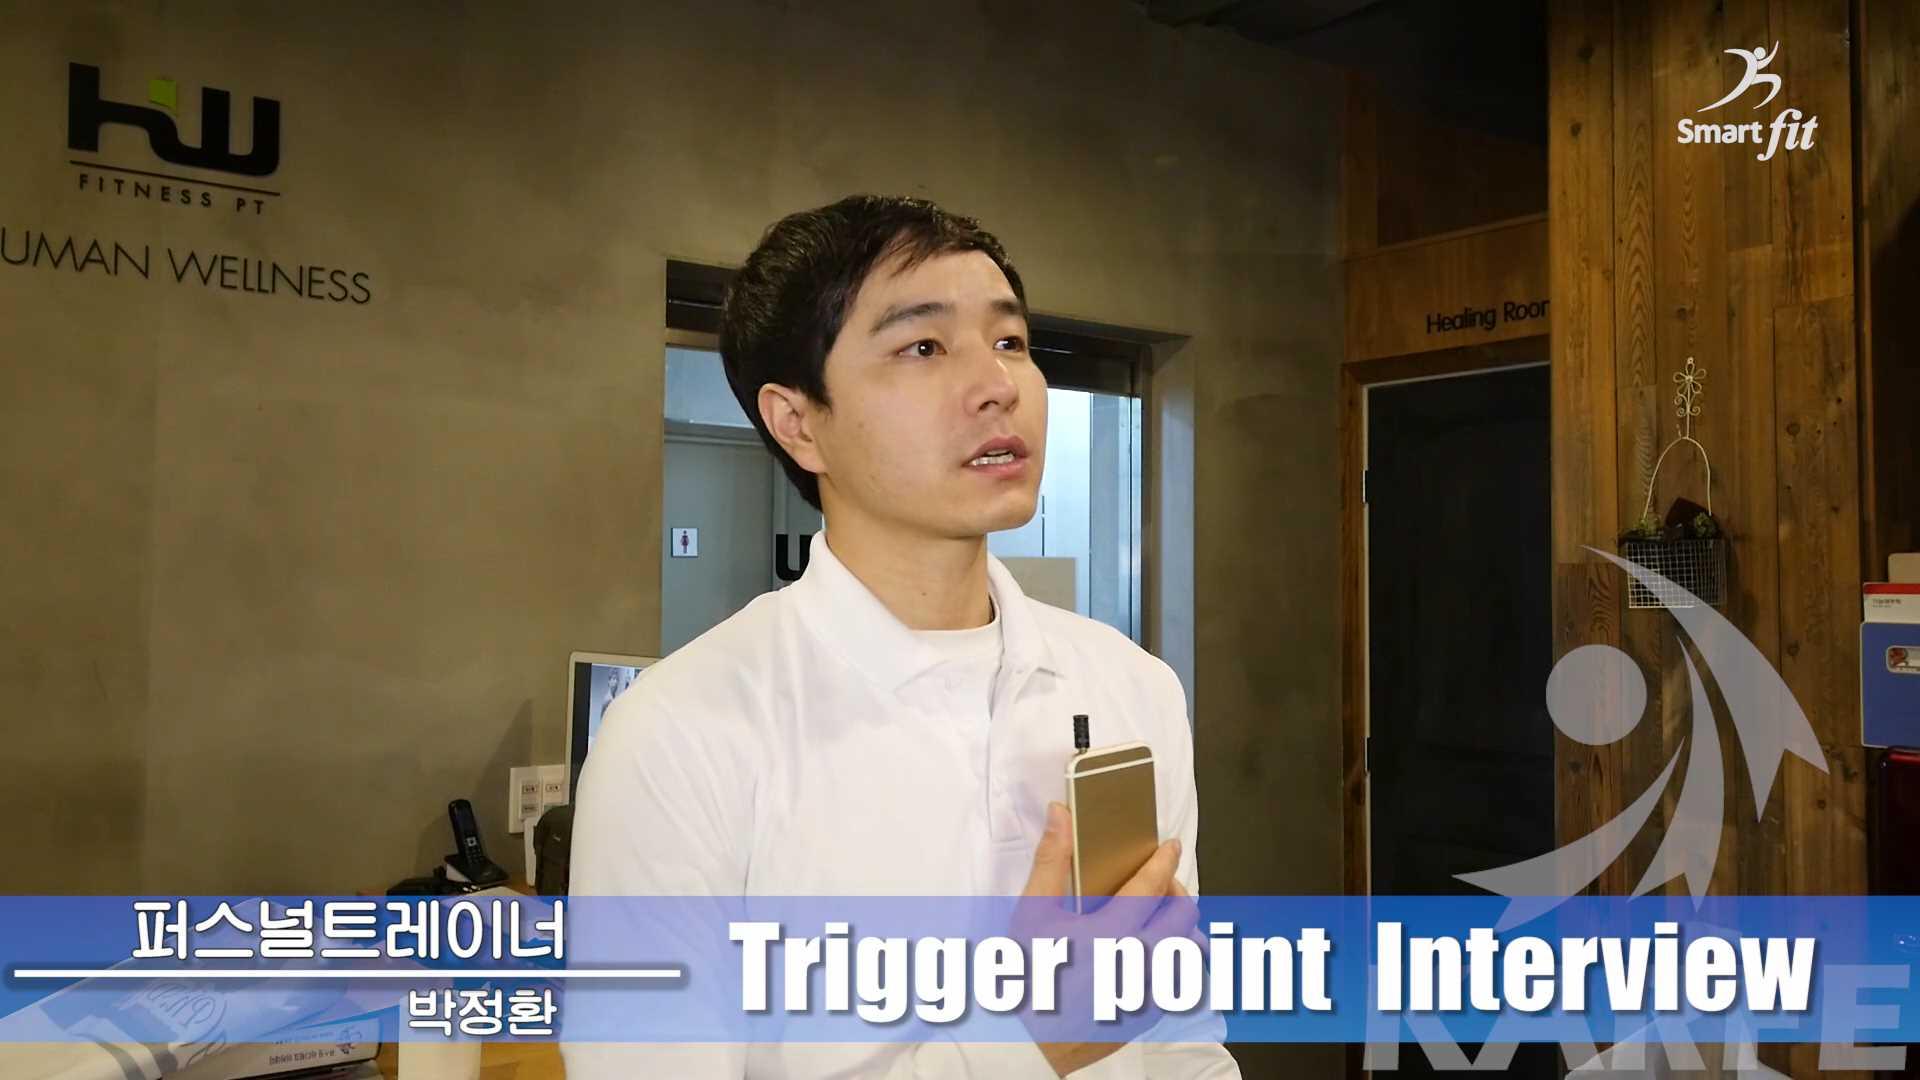 근막경선 트리거포인트 전문가 과정 (박일봉 박사)